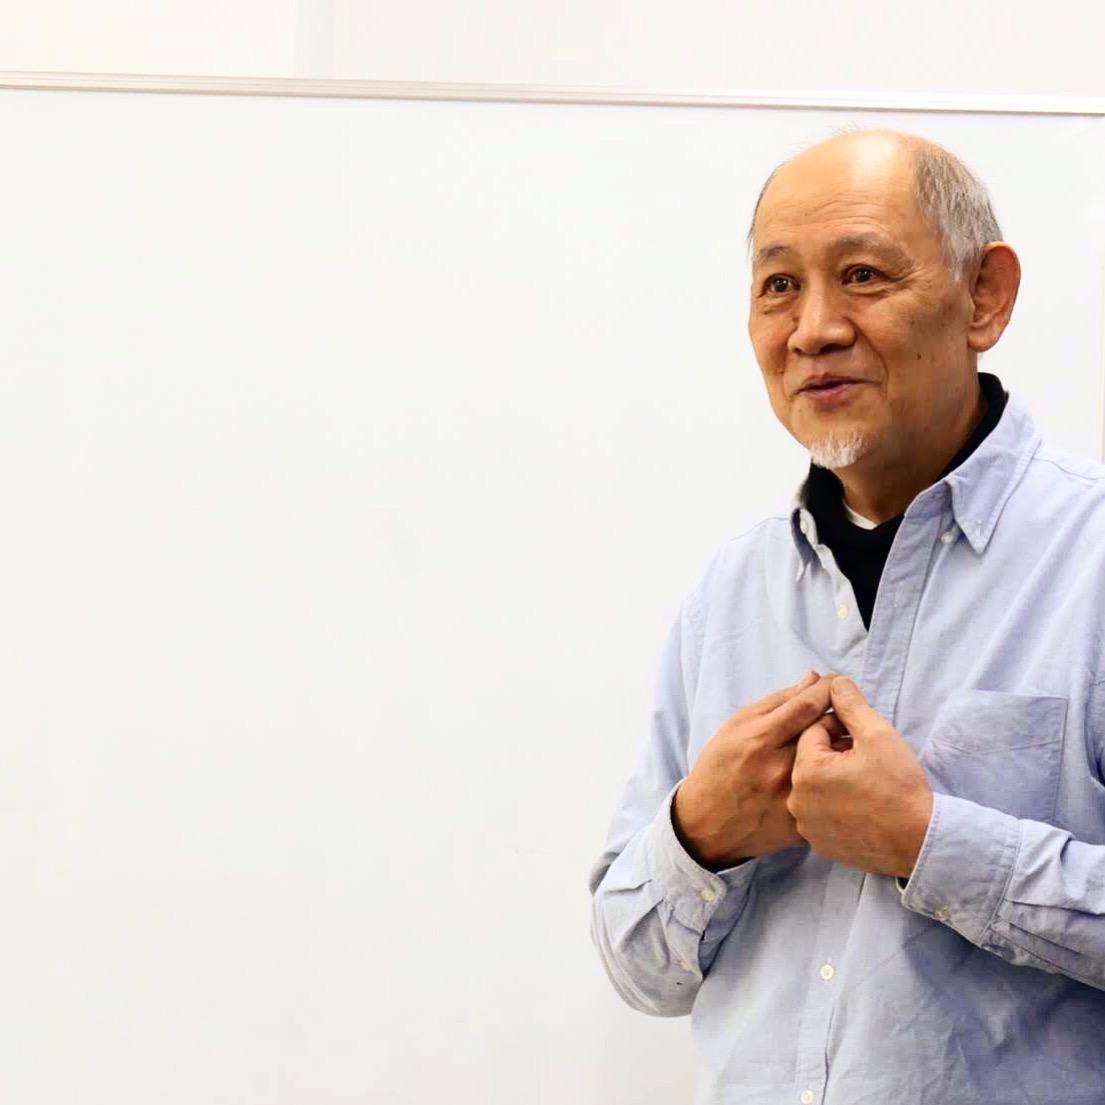 体験説明会❗️講師養成講座❗️全て予約制となっています。(幸田アトリエ、名古屋エグゼルーム、大阪淀屋橋、東京浜松町、お気軽にホームページよりお問い合わせください。